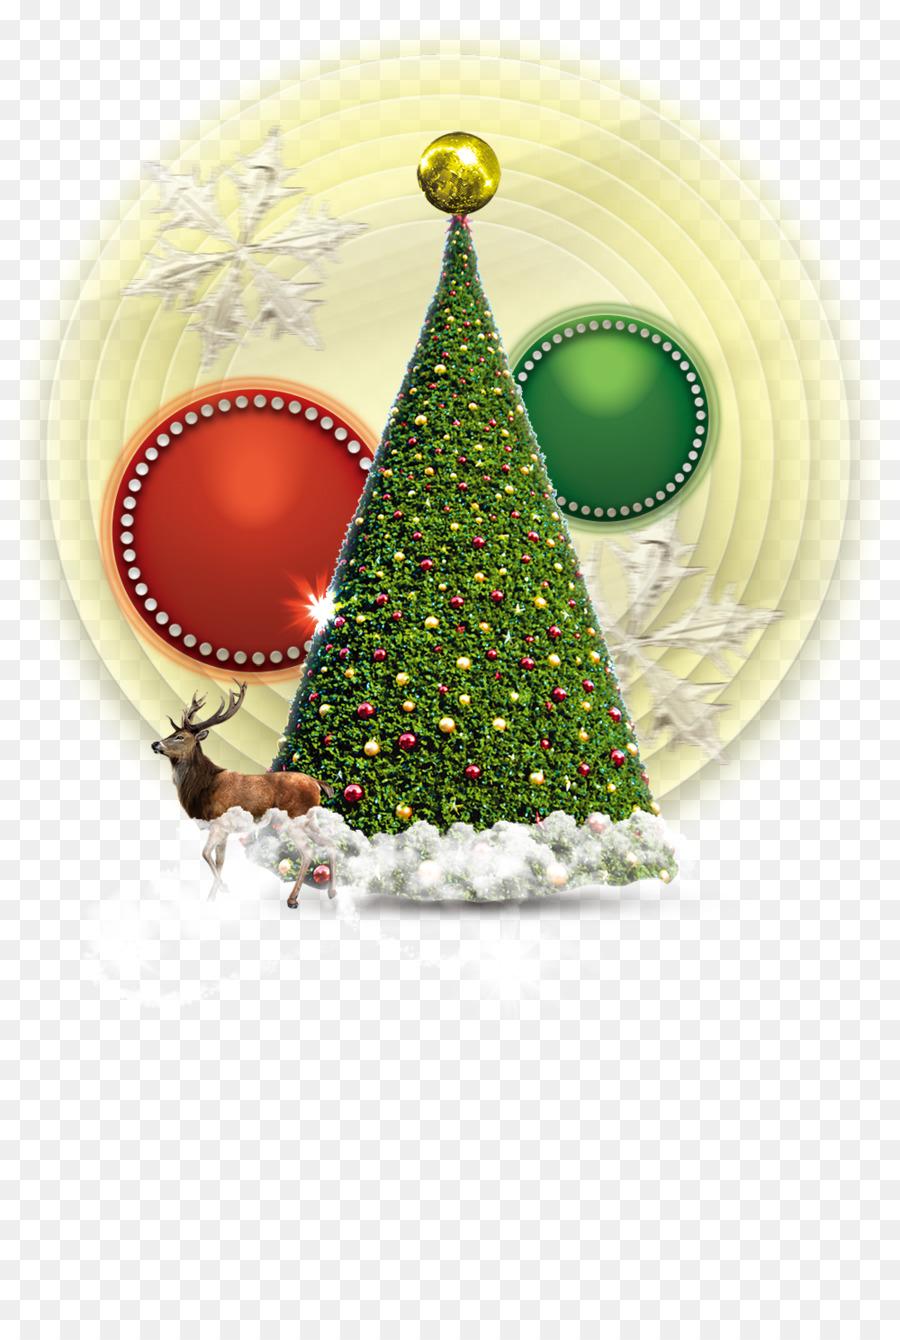 Descarga gratuita de Adorno De Navidad, árbol De Navidad, Santa Claus Imágen de Png